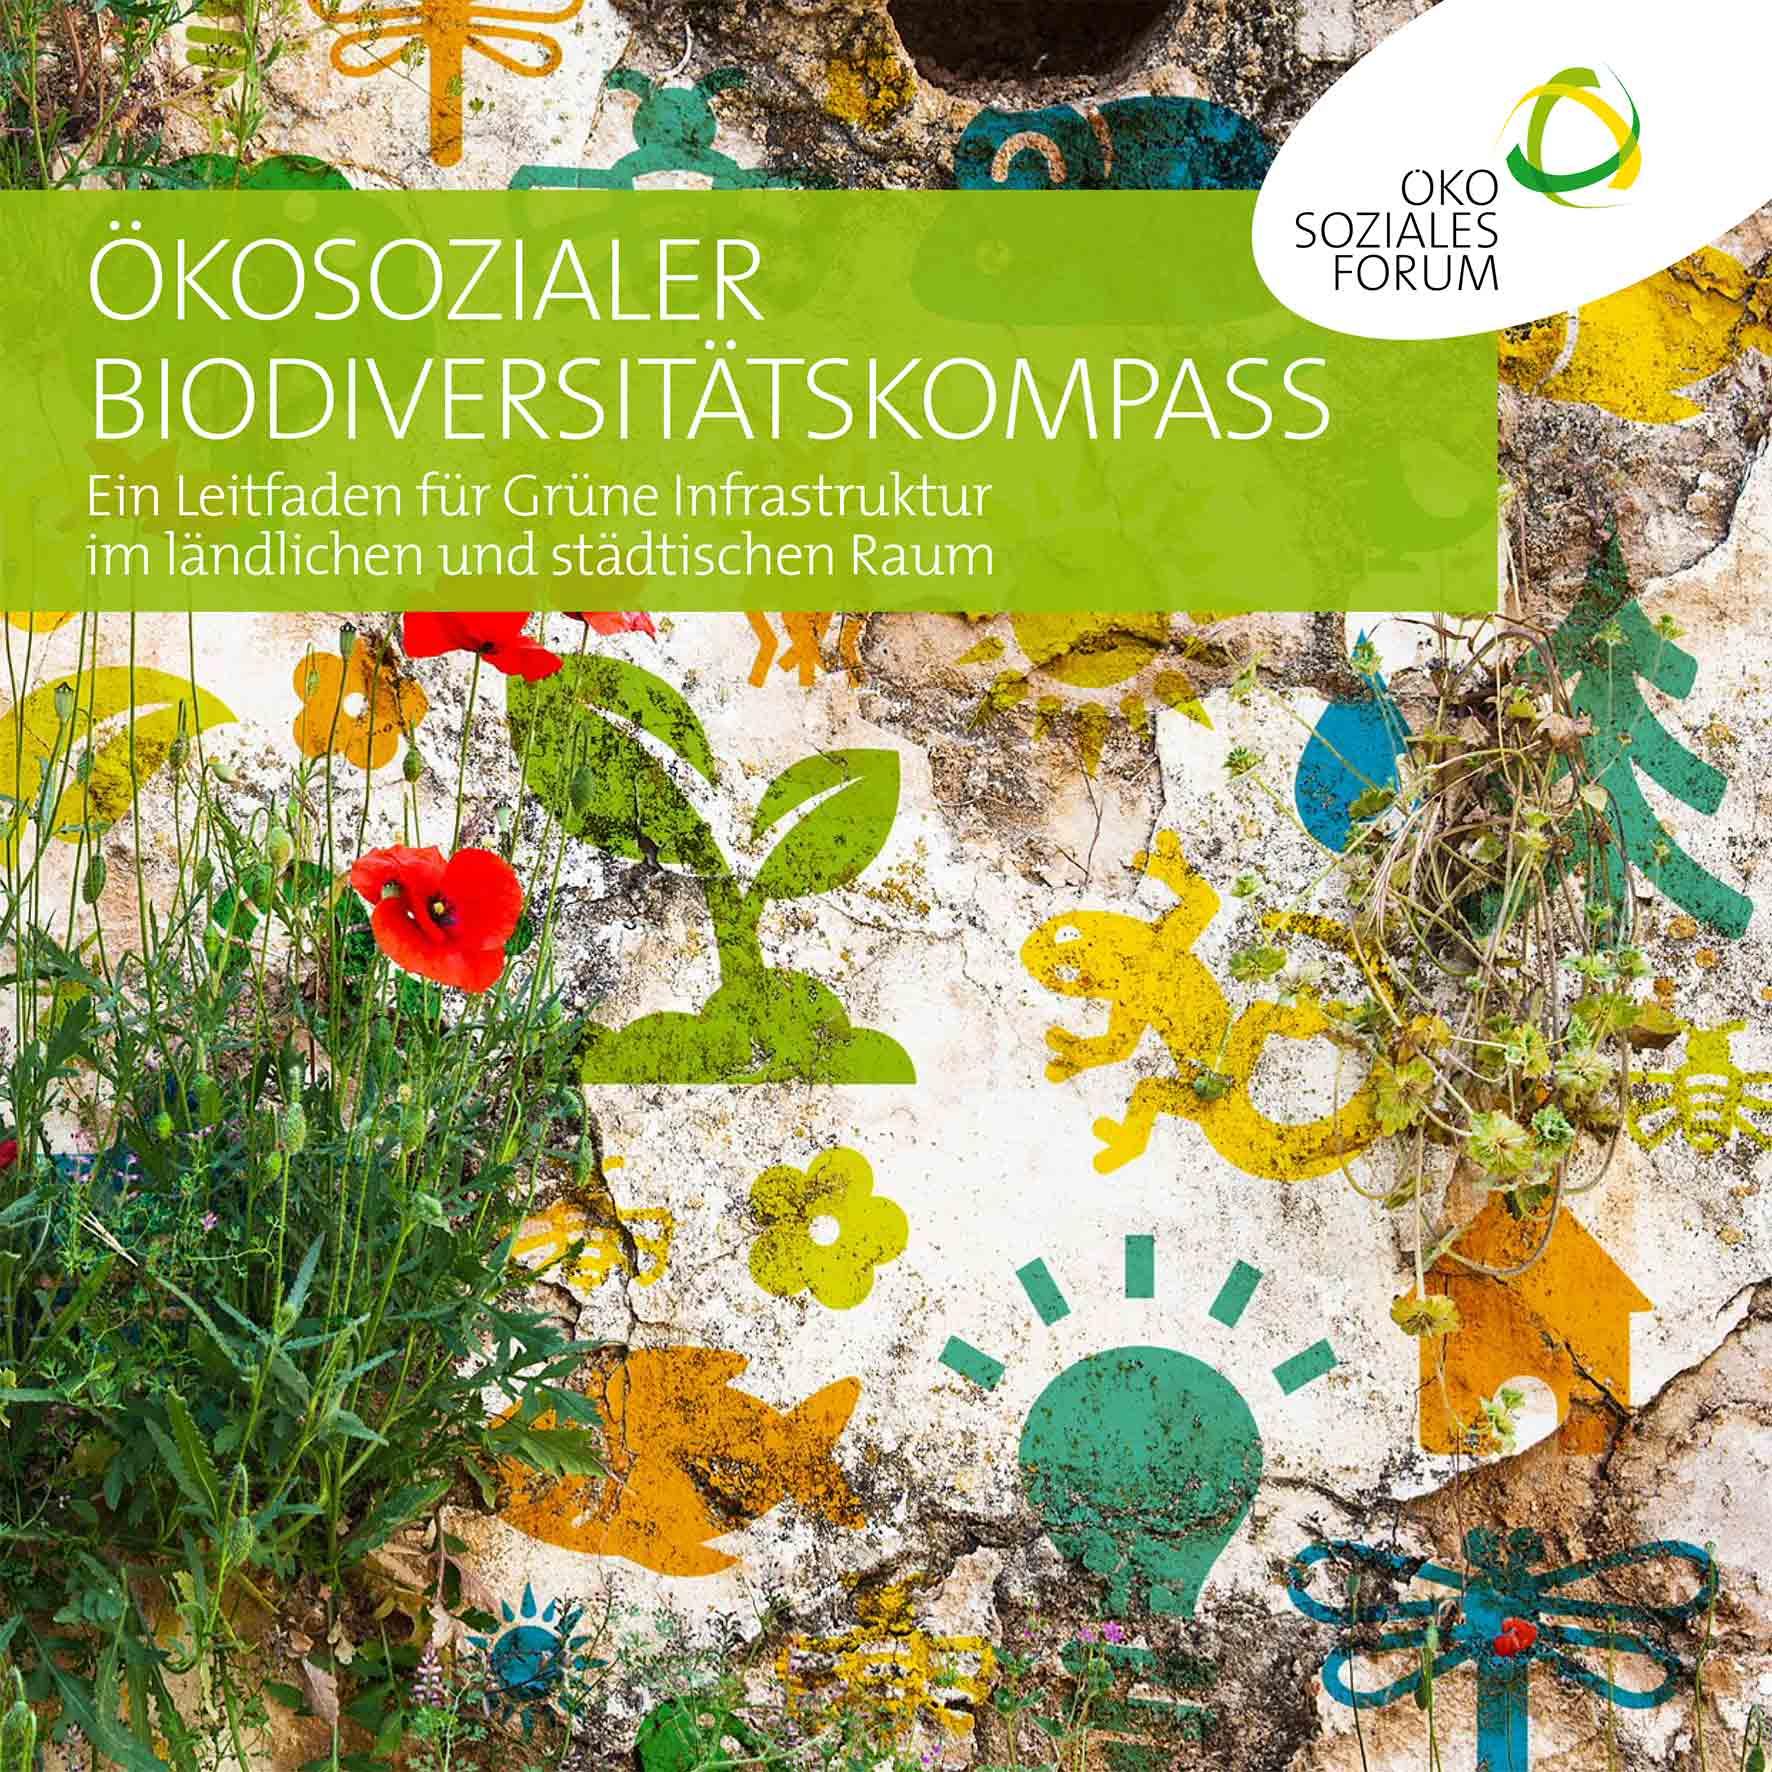 Ökosozialer Biodiversitätskompass